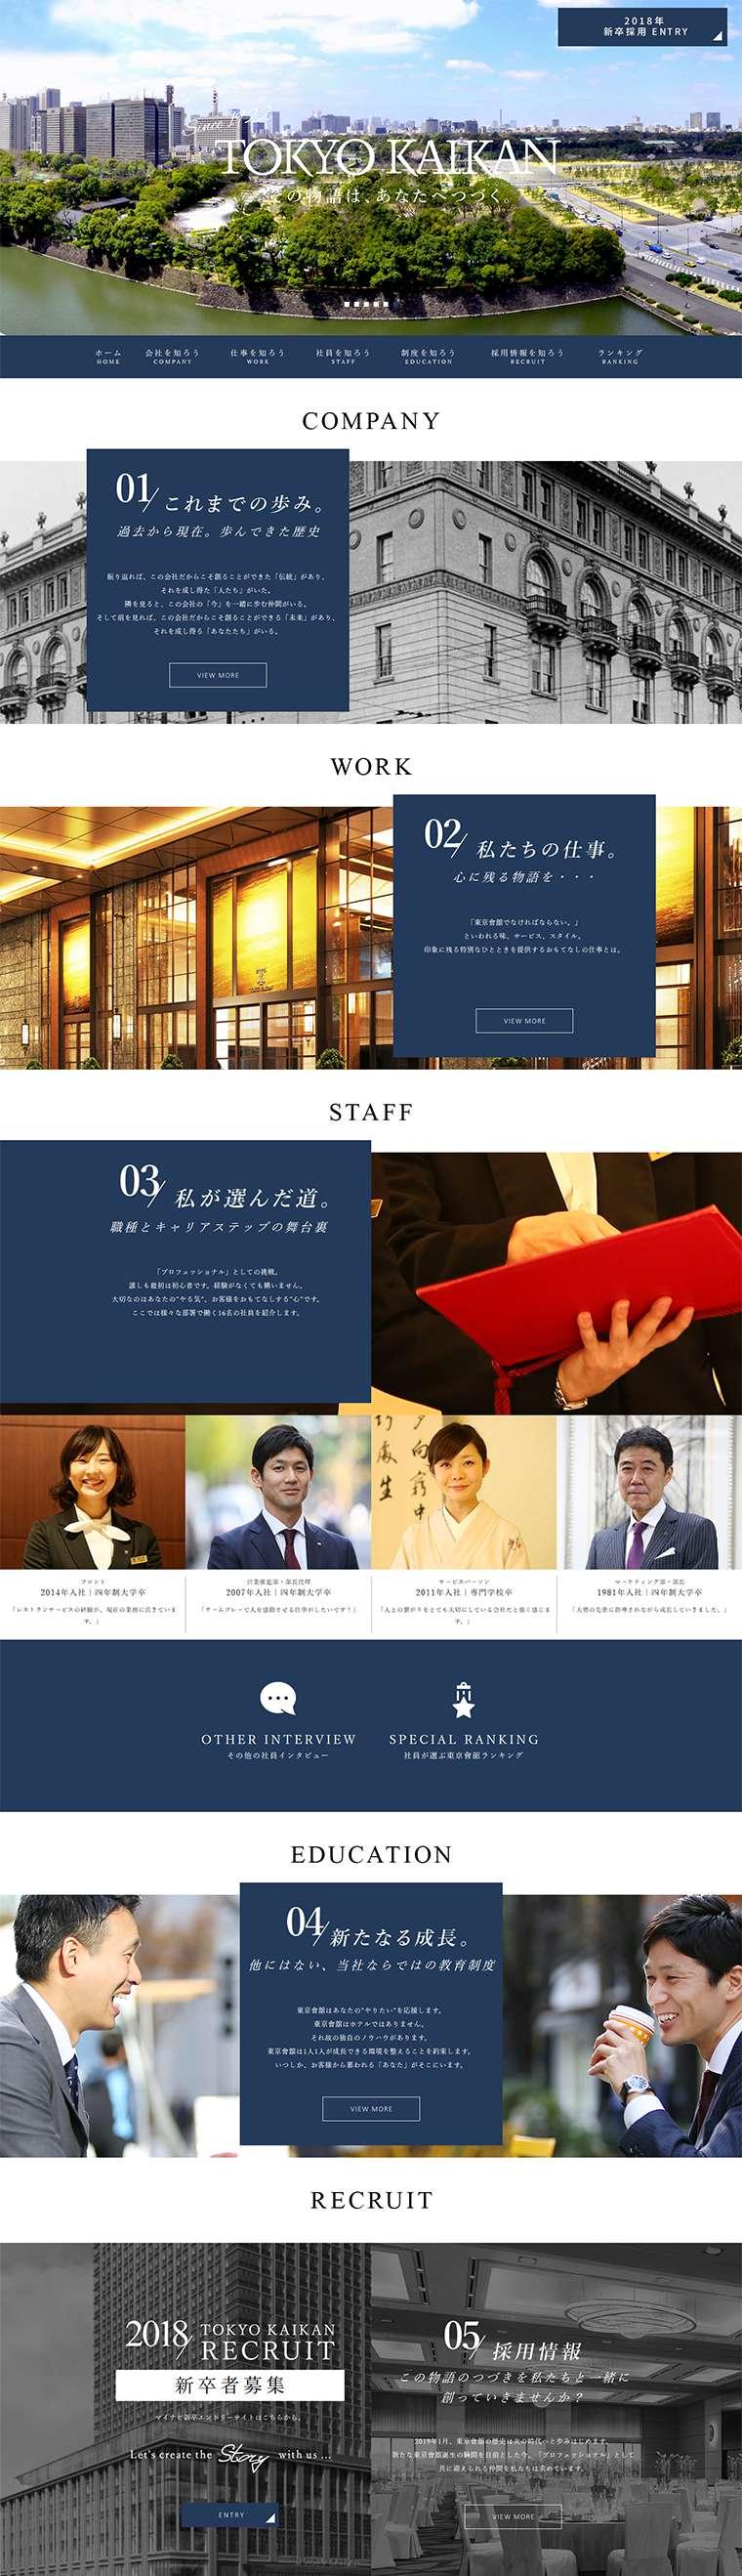 実績サイト画像02